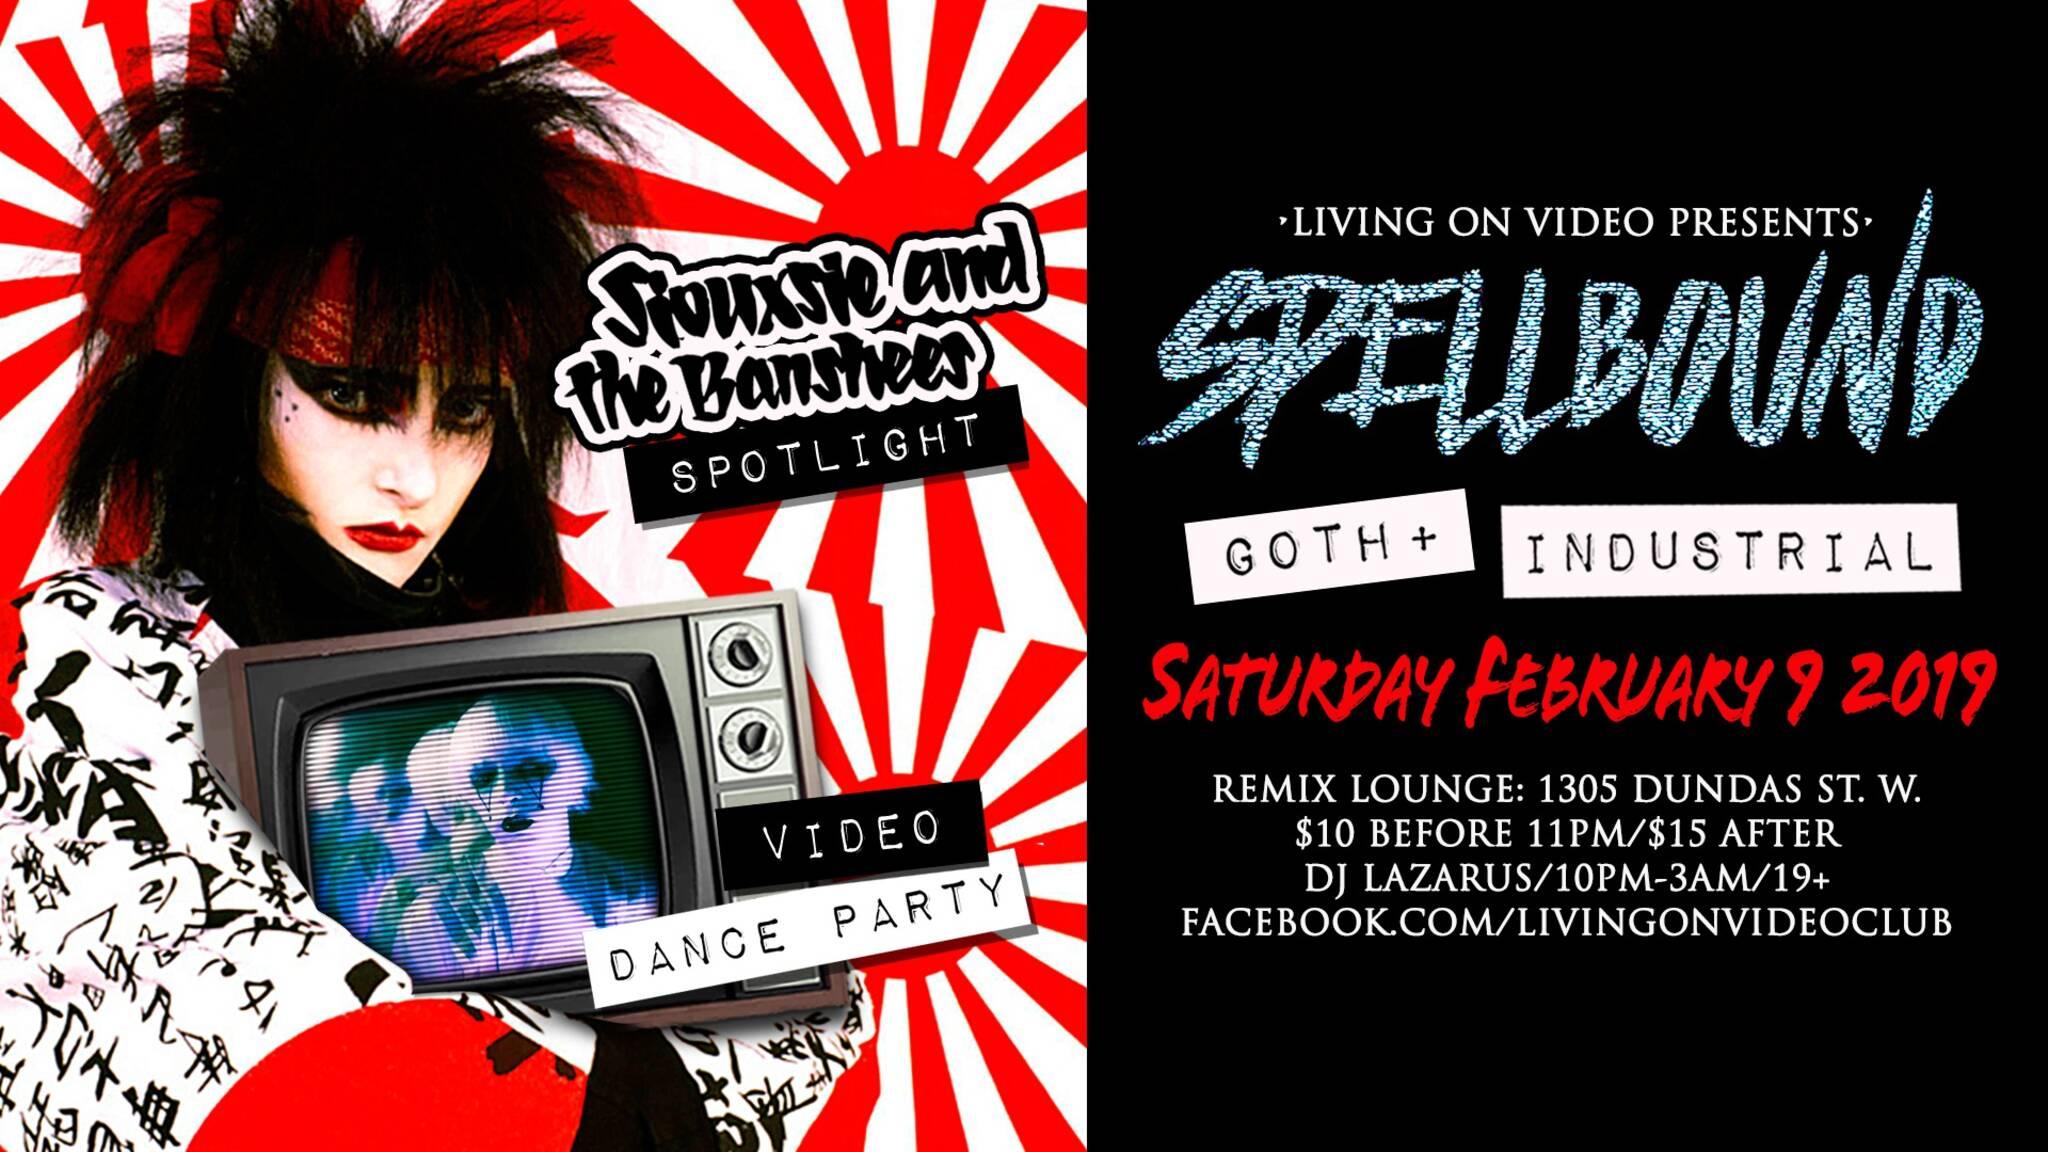 Spellbound Goth Industrial Video Dance Party W Siouxsie Spotlight